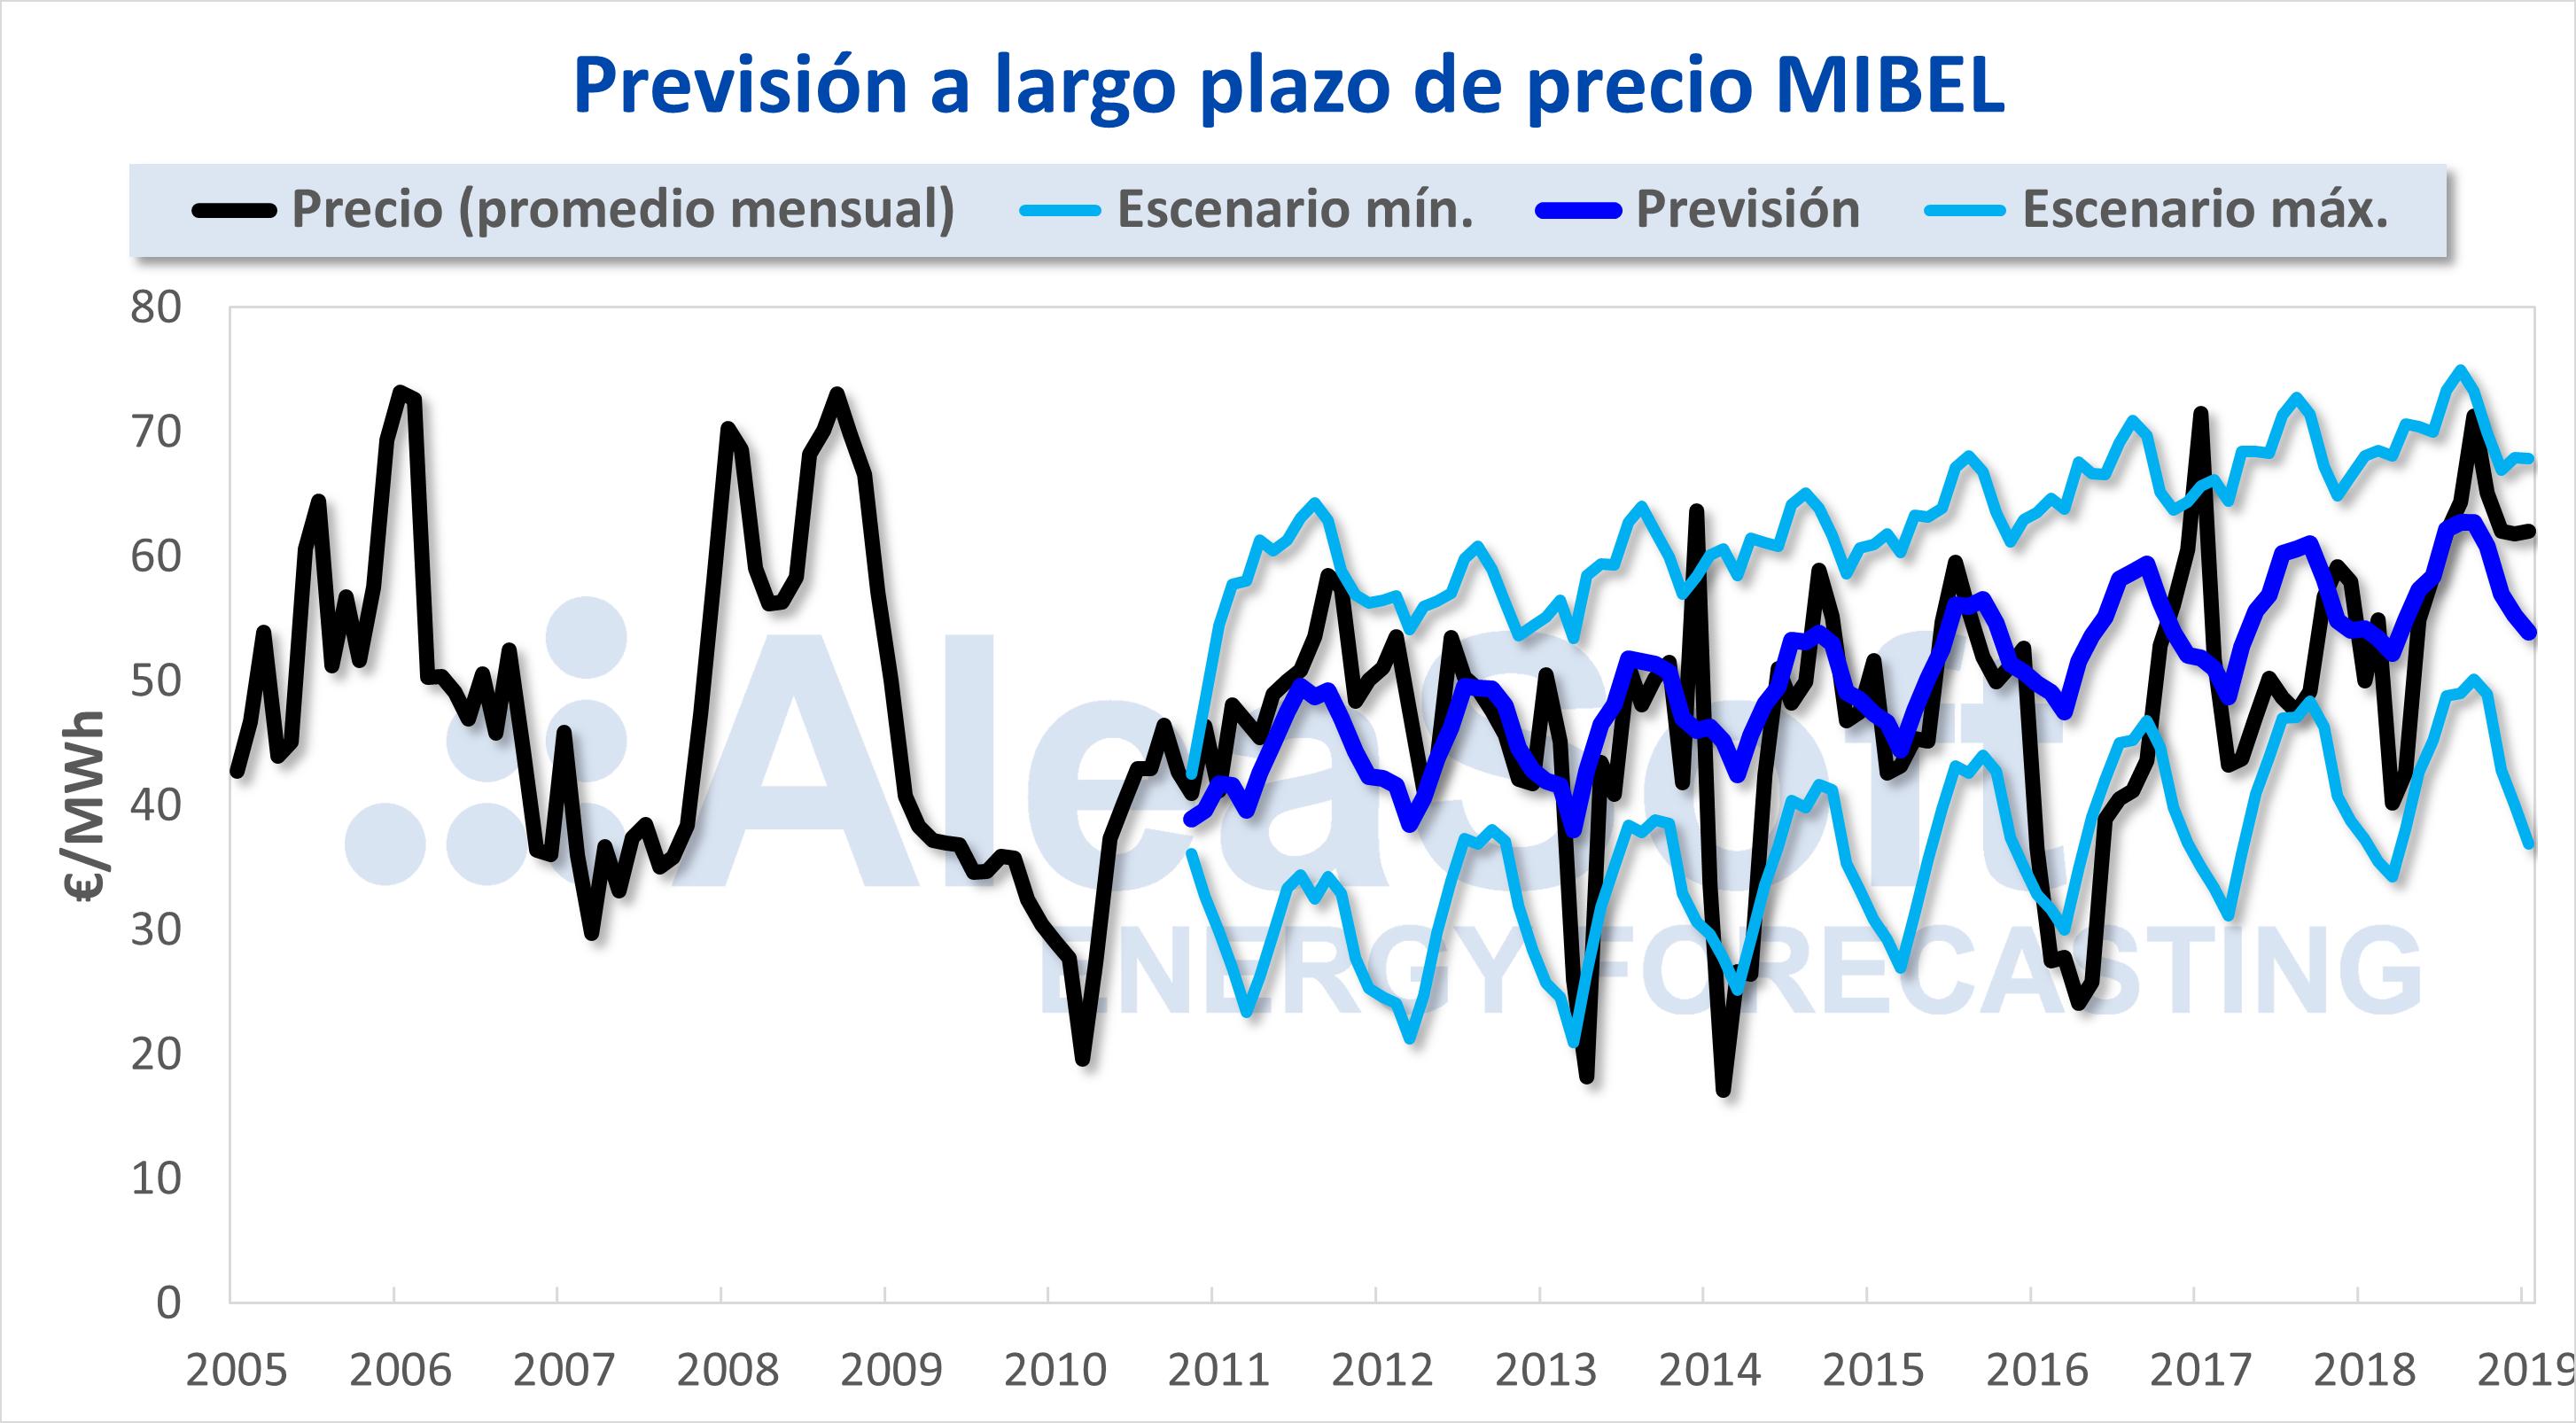 AleaSoft - MIBEL, previsión de precio a largo plazo